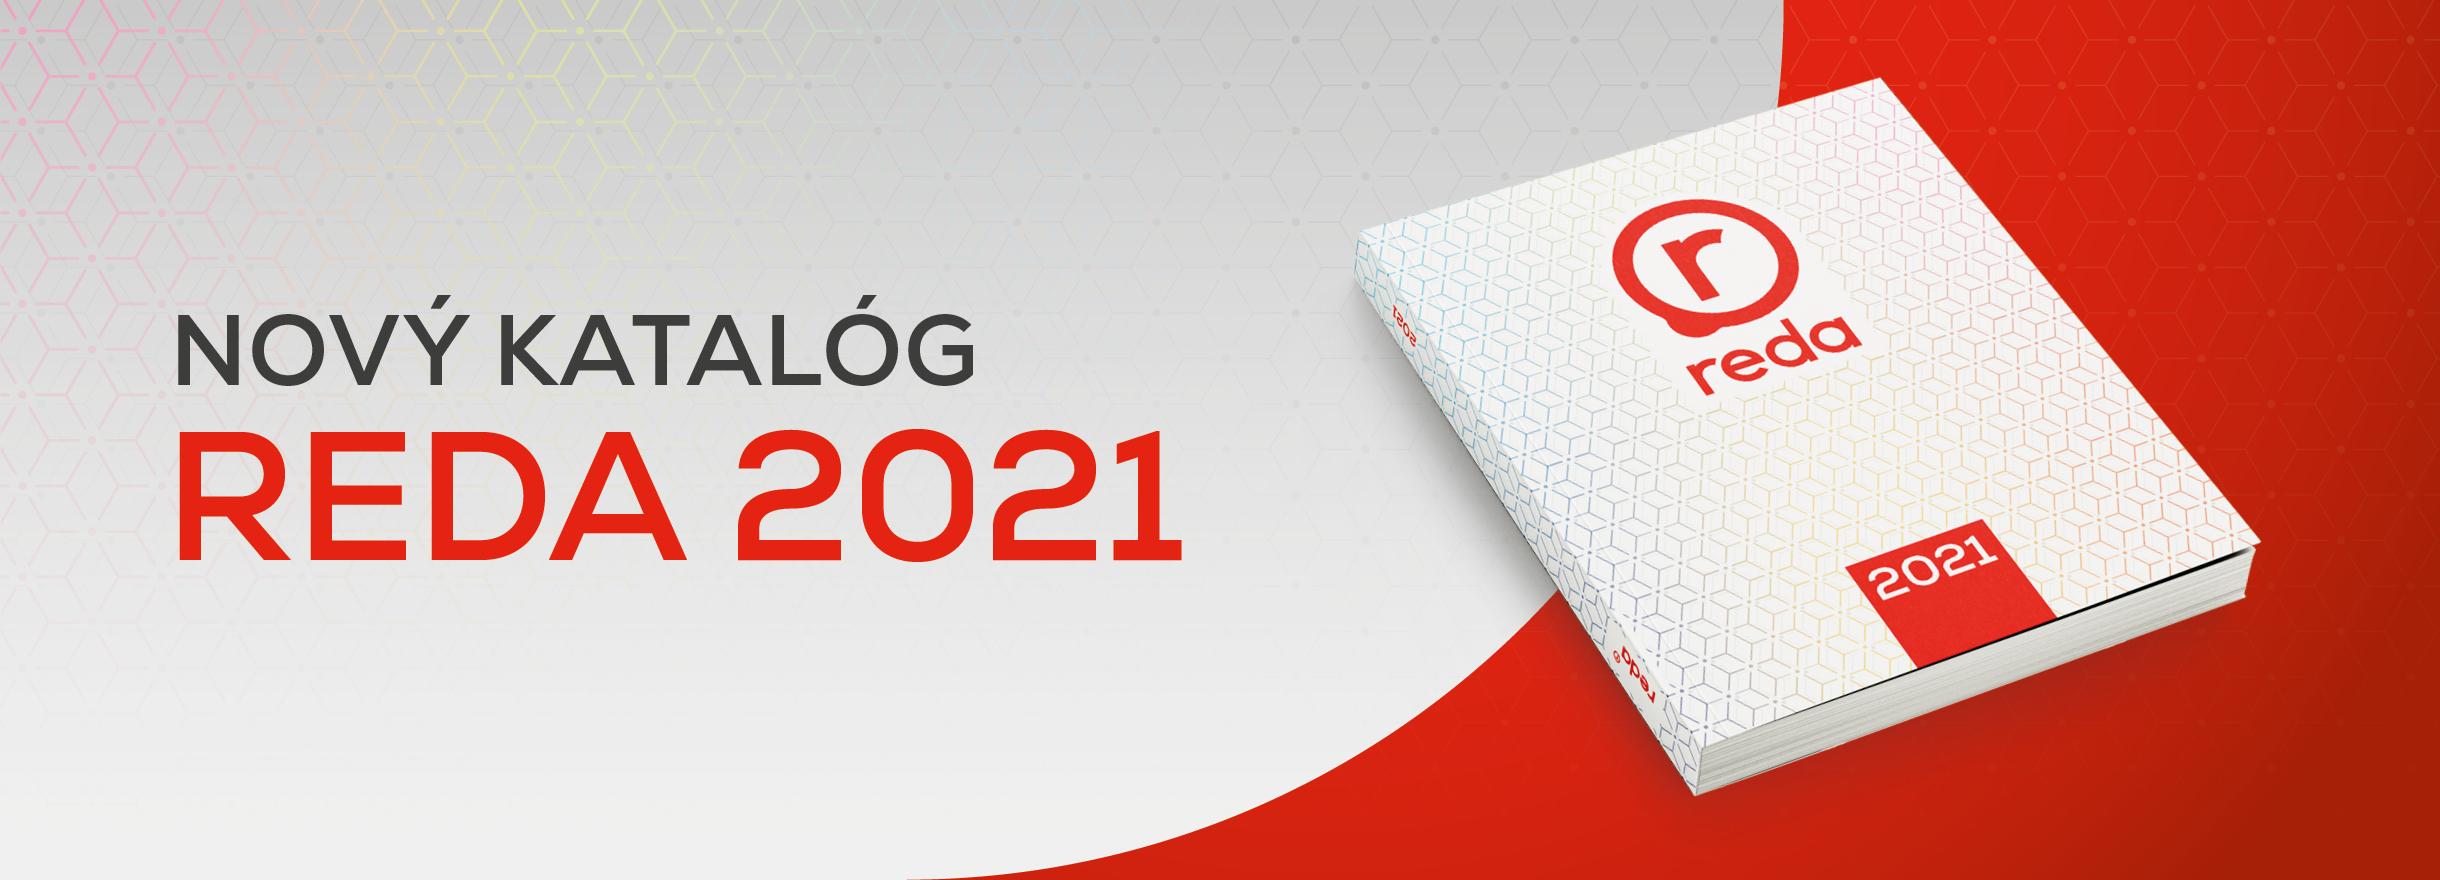 REDA 2021 - nová kolekce reklamních předmětů